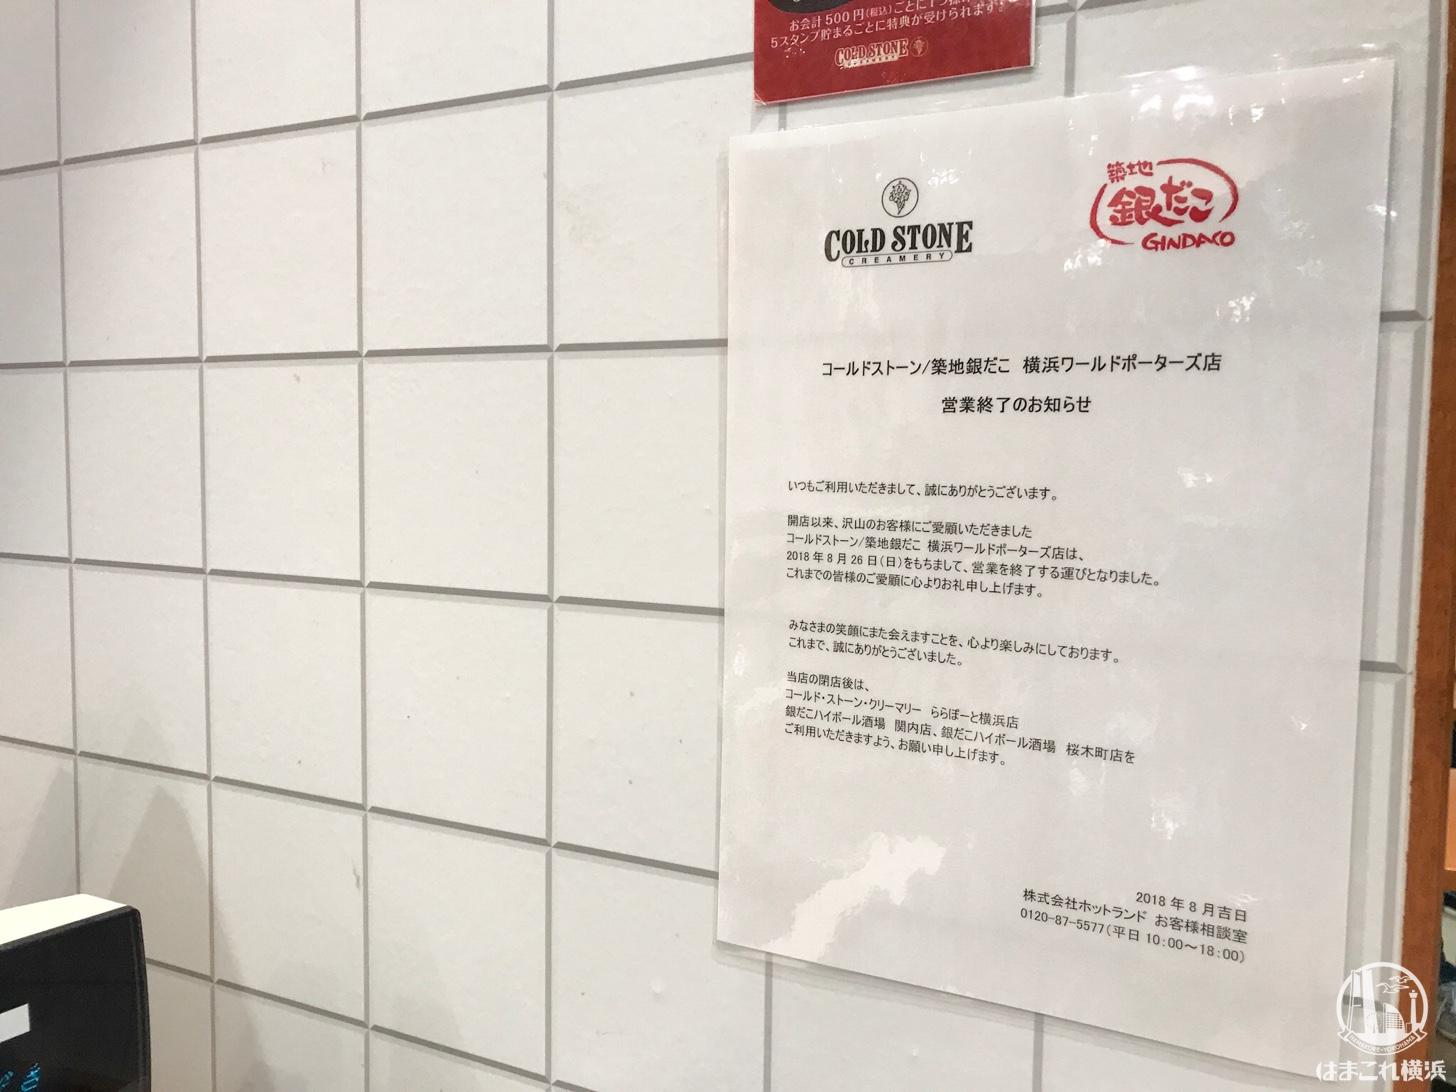 横浜ワールドポーターズのコールドストーン・築地銀だこが2018年8月26日に閉店